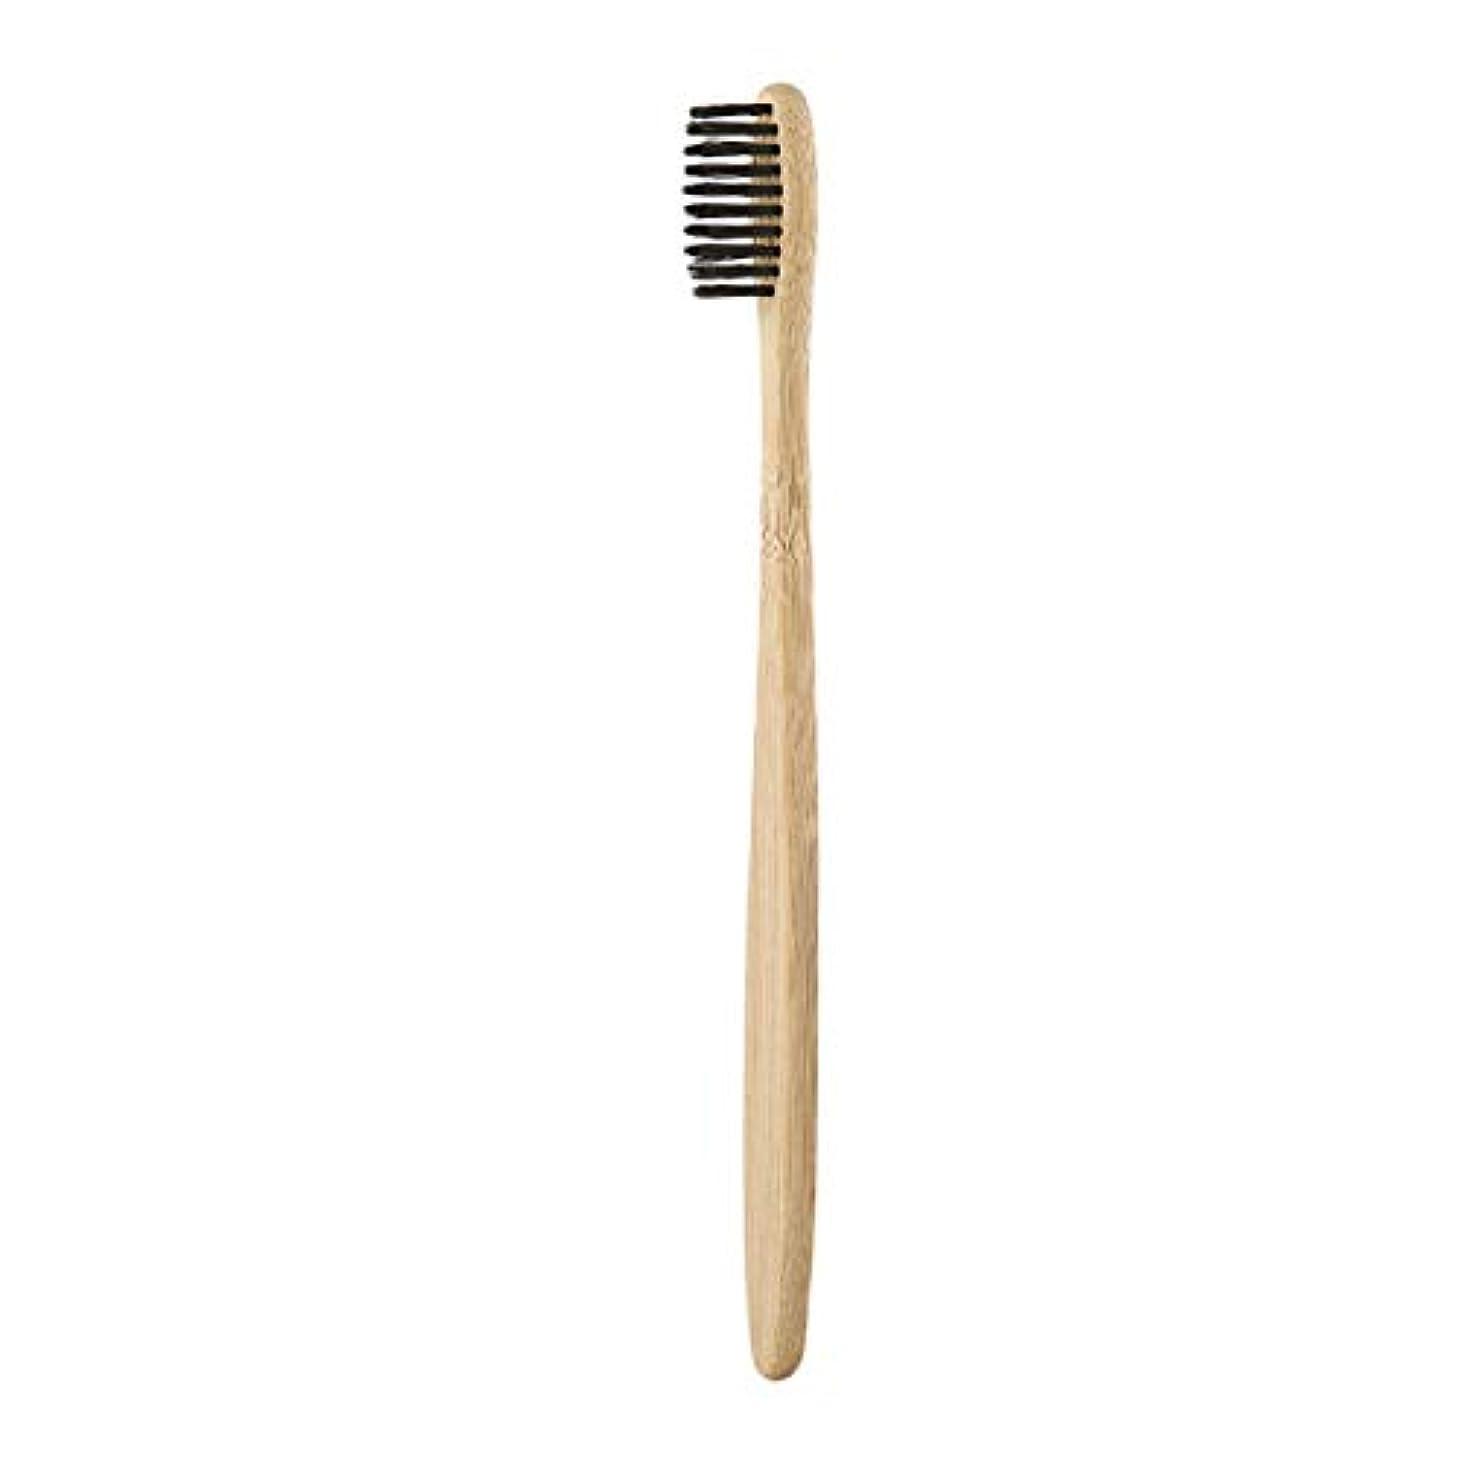 健康アスリート担保手作りの快適な環境に優しい環境歯ブラシ竹ハンドル歯ブラシ木炭剛毛健康オーラルケア - ウッドカラー